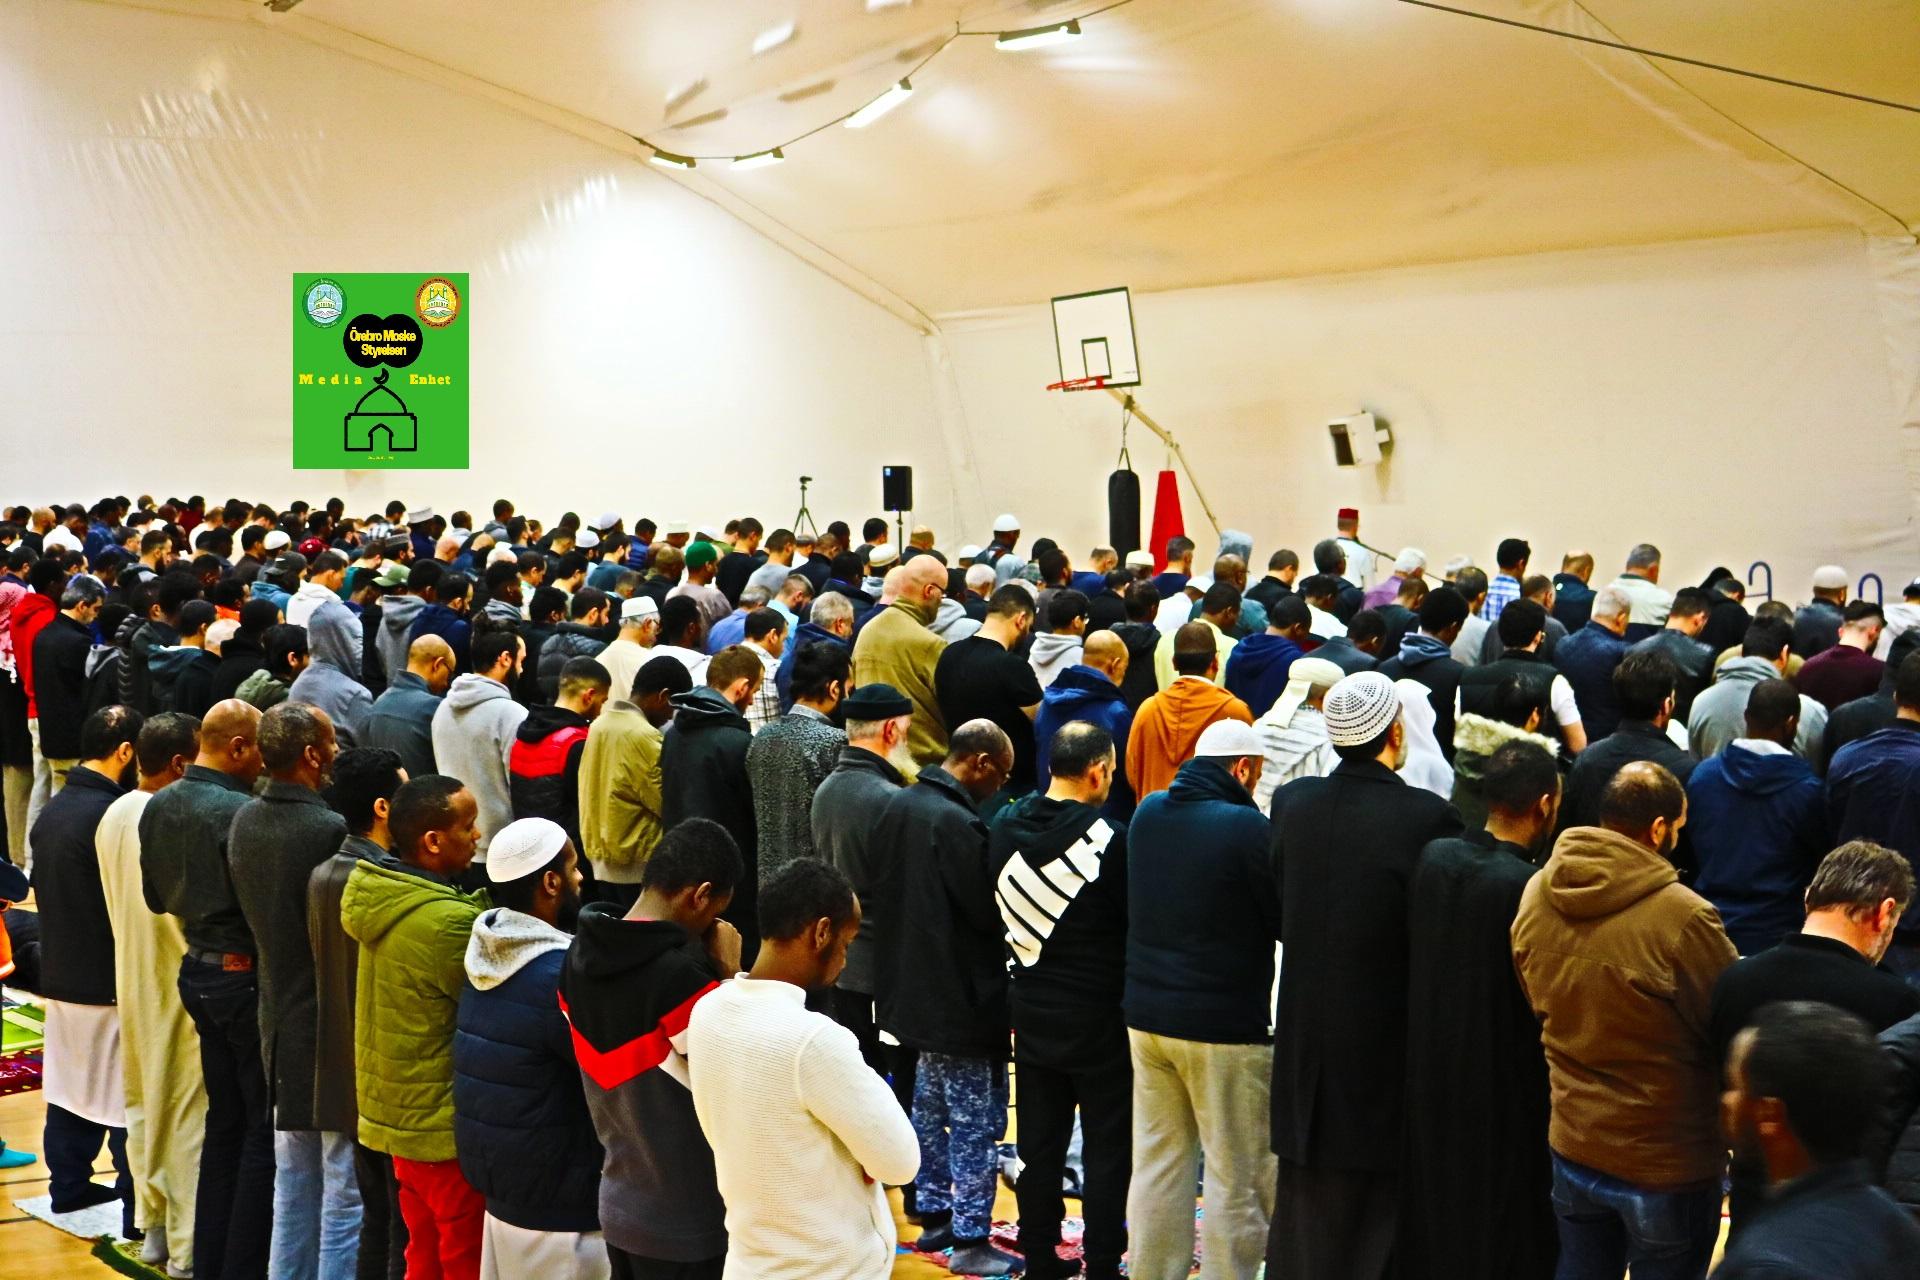 """Ramadan Mubarak ***************************** صلاة العشاء لليوم الرابع والعشرون من شهر رمضان المبارك ***************************** 29/05/2019 *************************** FILMED ON LOCATION *************************** Ballonghallen i Örebro """"En tillfällig plats efter moskén brändes"""" *************************** Sverige - السويد – Sweden *************************** DIRECTED BY ********************************* A.Al-N ********************************* Effected Video (Facebook) ********************************* Irakier i Örebro - Iraqis in Orebro (Facebook) ********************************* Örebro moské älskare - Orebro mosque lovers - محبي مسجد اوربرو (Facebook) ************************************************ Effected Video (YouTube) http://www.youtube.com/channel/UCSEb- ibpdTXYFwLsCf8E3Aw ************************************************ Baghdad forever (YouTube) http://www.youtube.com/user/baghdadiforever"""